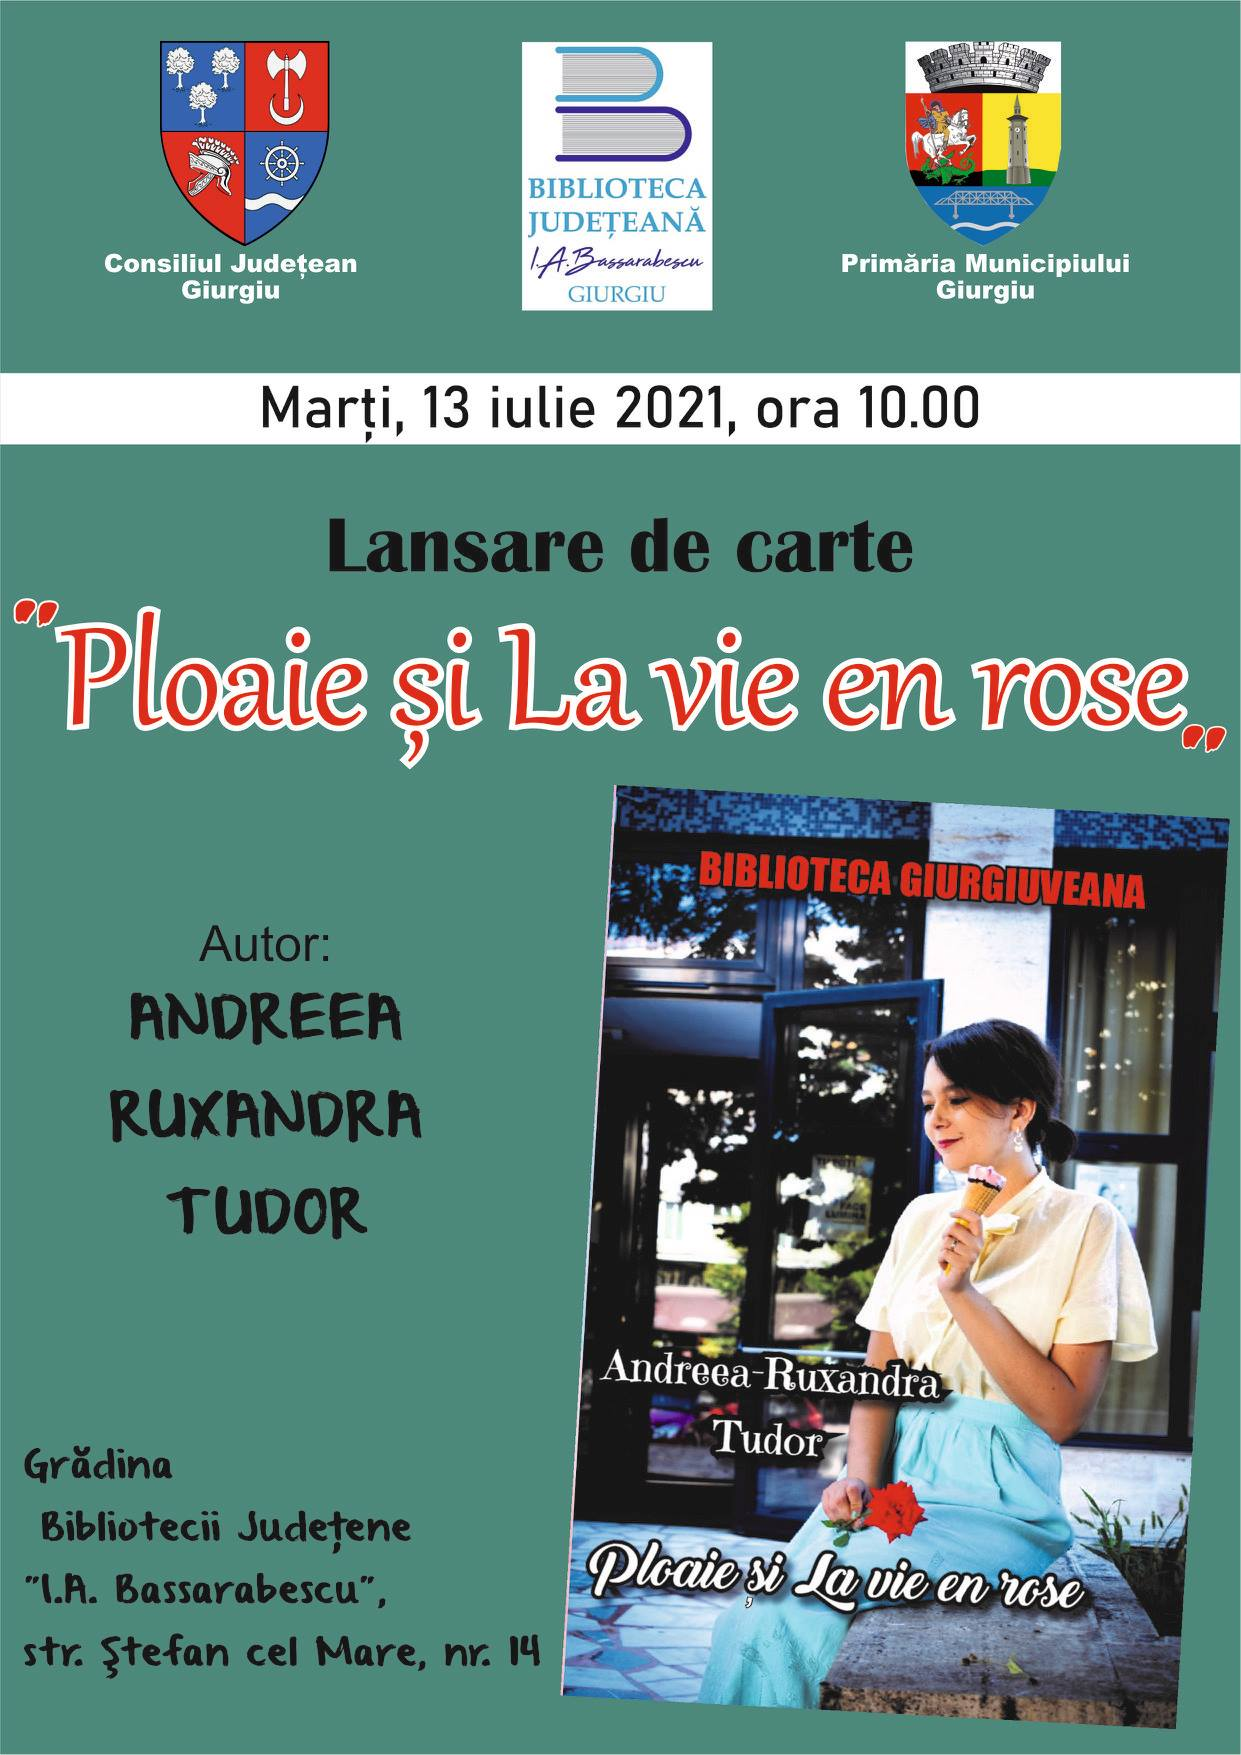 Lansare de carte marţi, 13 iulie la Biblioteca I.A.Bassarabescu